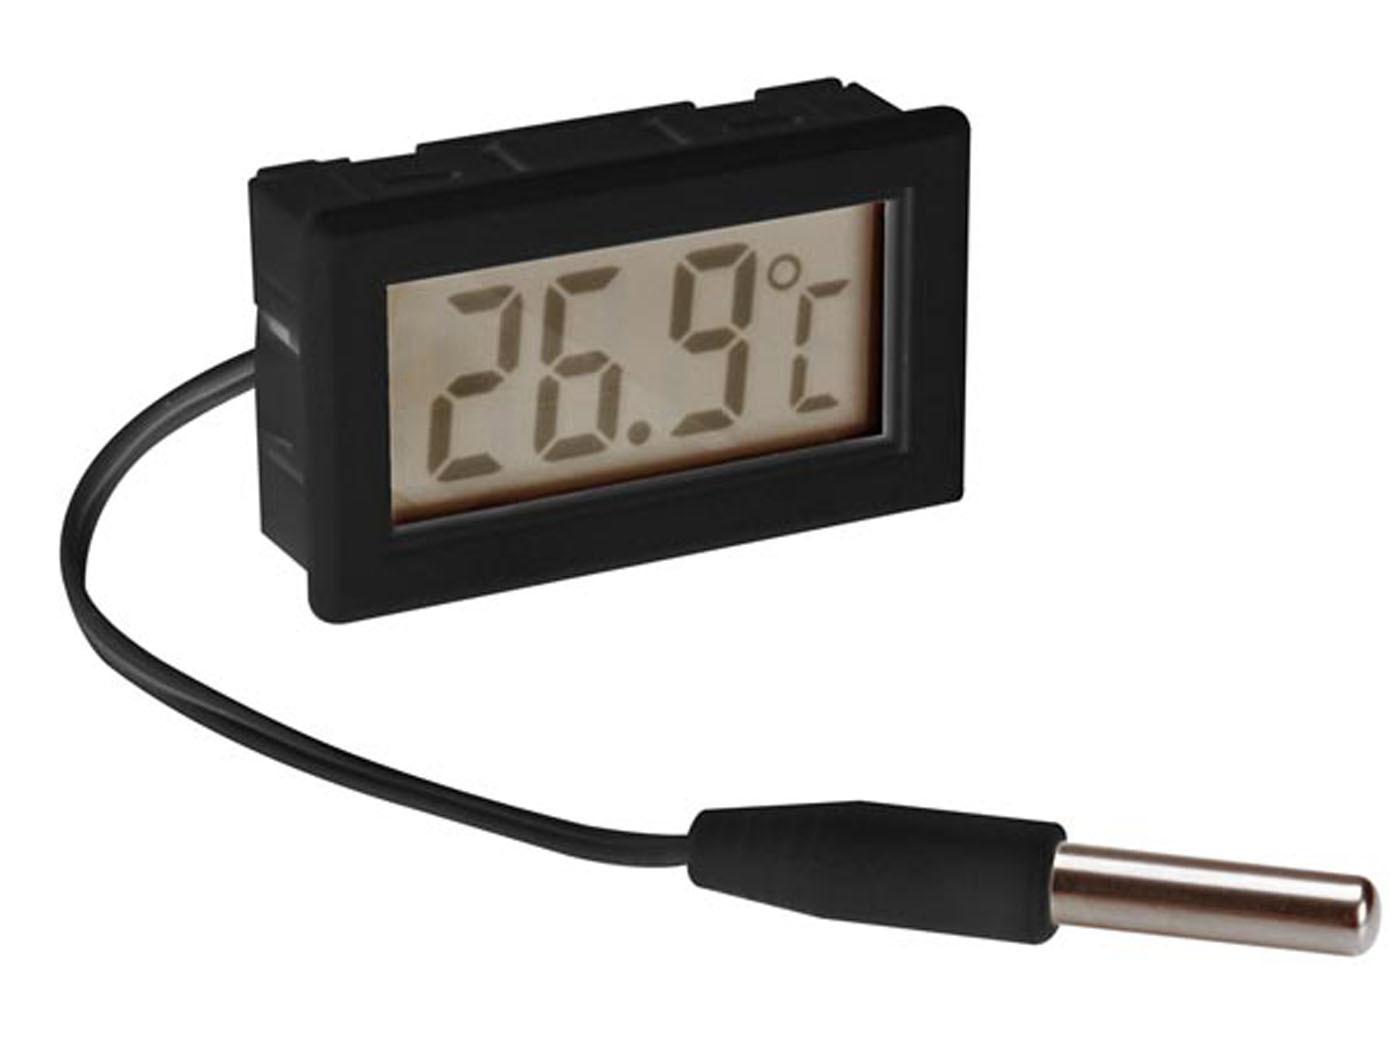 Kühlschrank Thermometer Digital : Digital einbauthermometer mit fühler zimmerthermometer